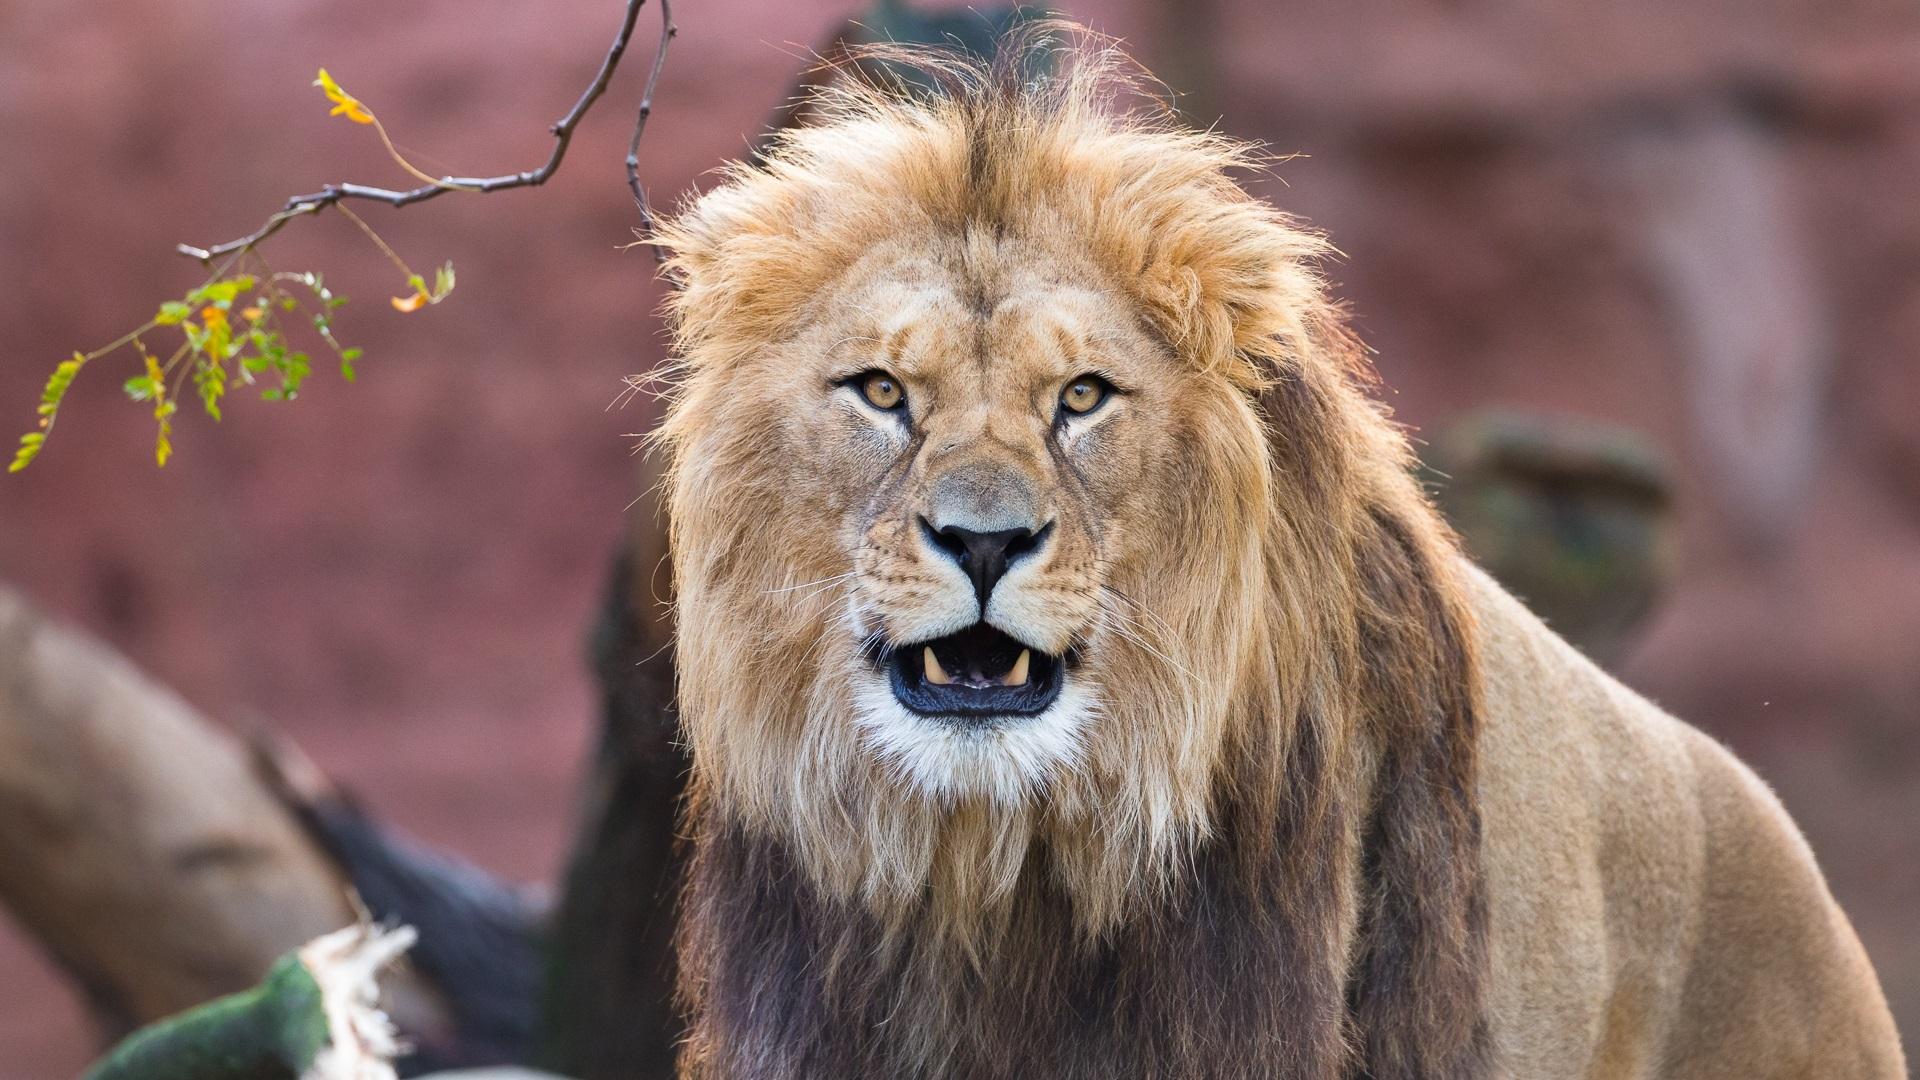 Vorderansicht Des Löwen Mähne Zähne 1920x1200 Hd